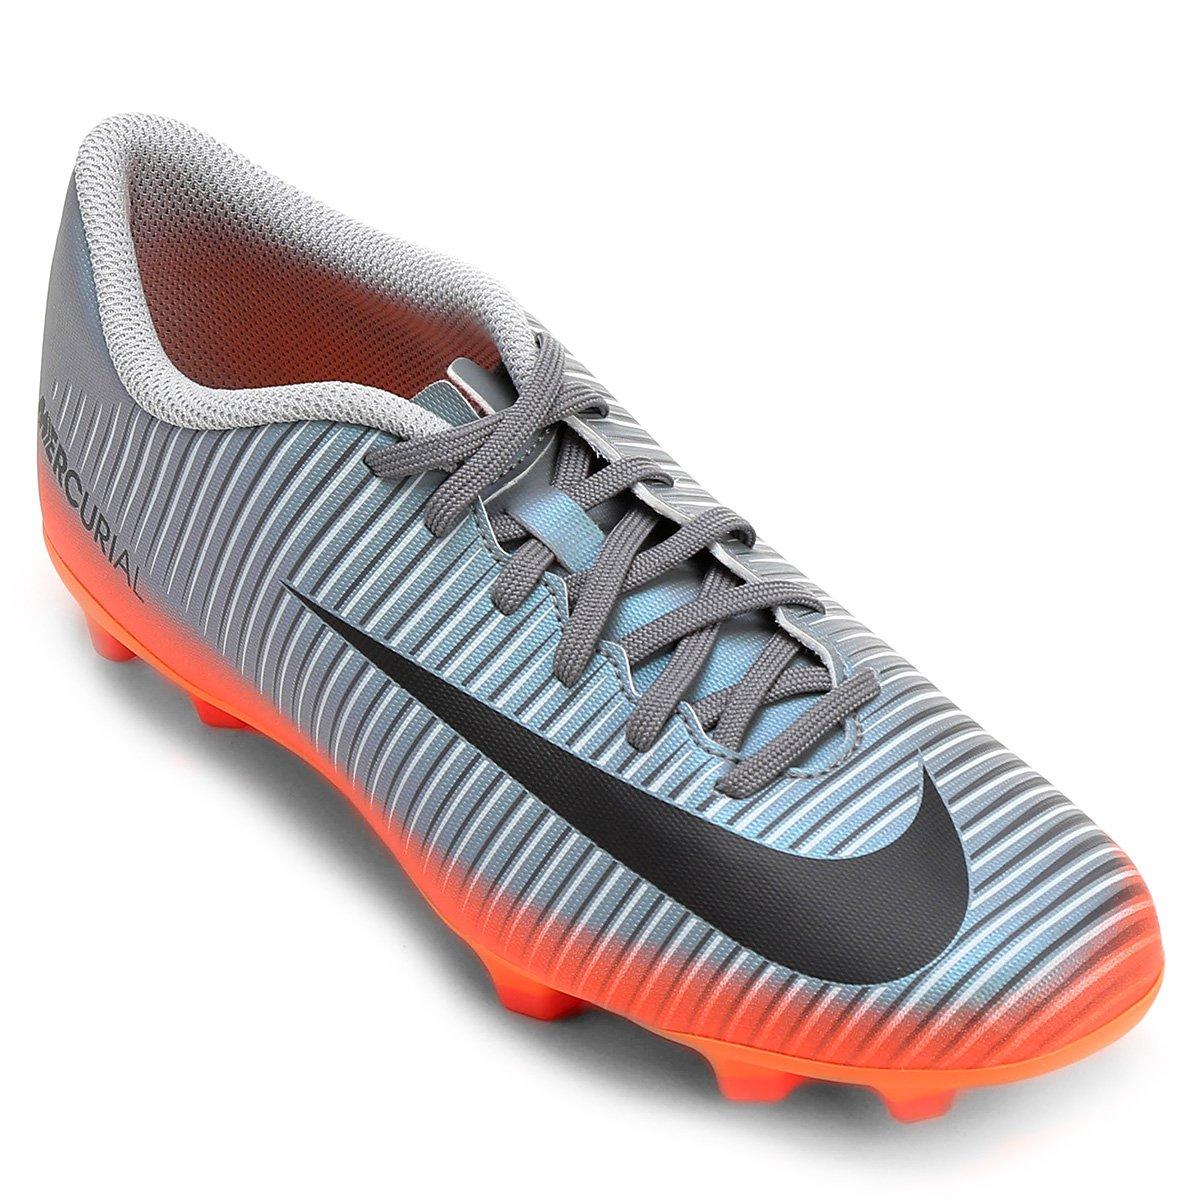 71107e1d1580a Chuteira Campo Nike Mercurial Vortex 3 CR7 FG | Shop Timão